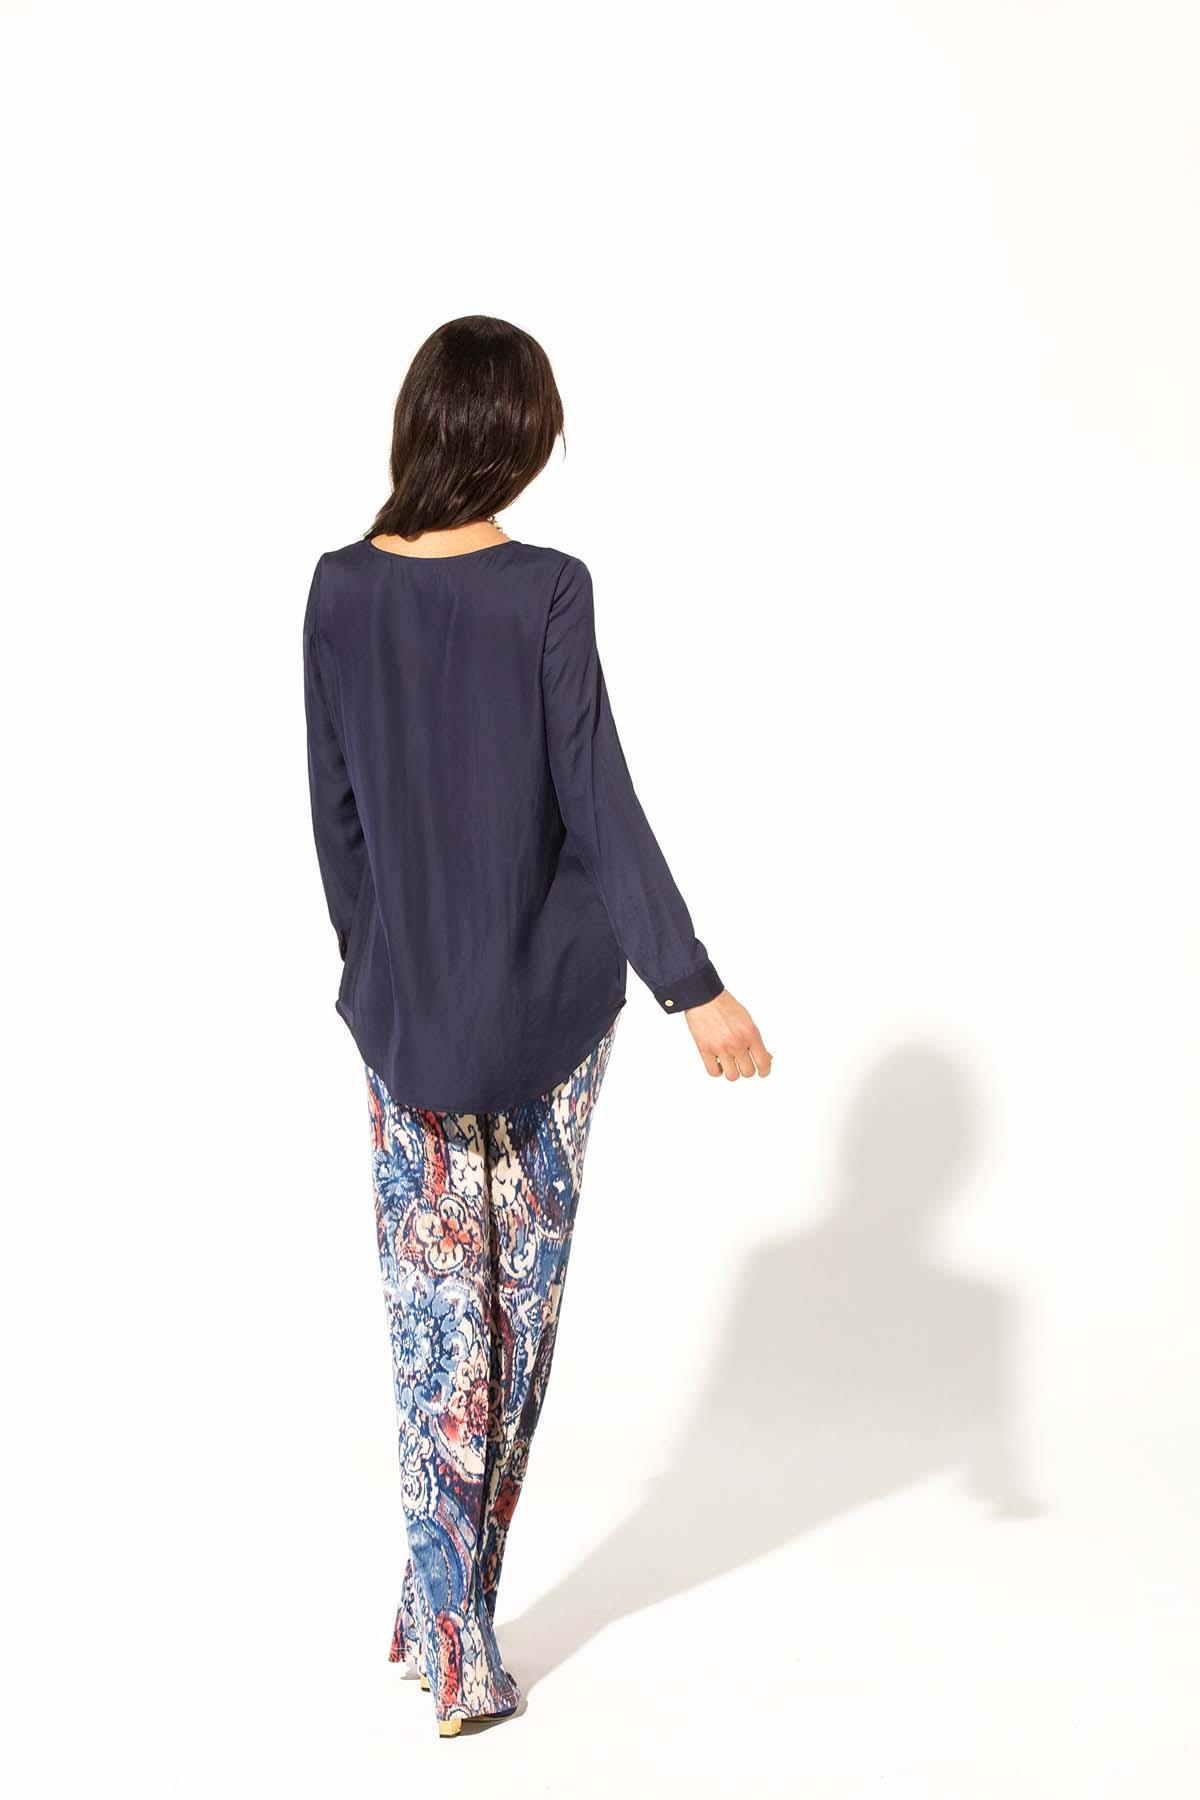 Blusa básica y multiusos Teria Yabar - Blusa básica y multiusos